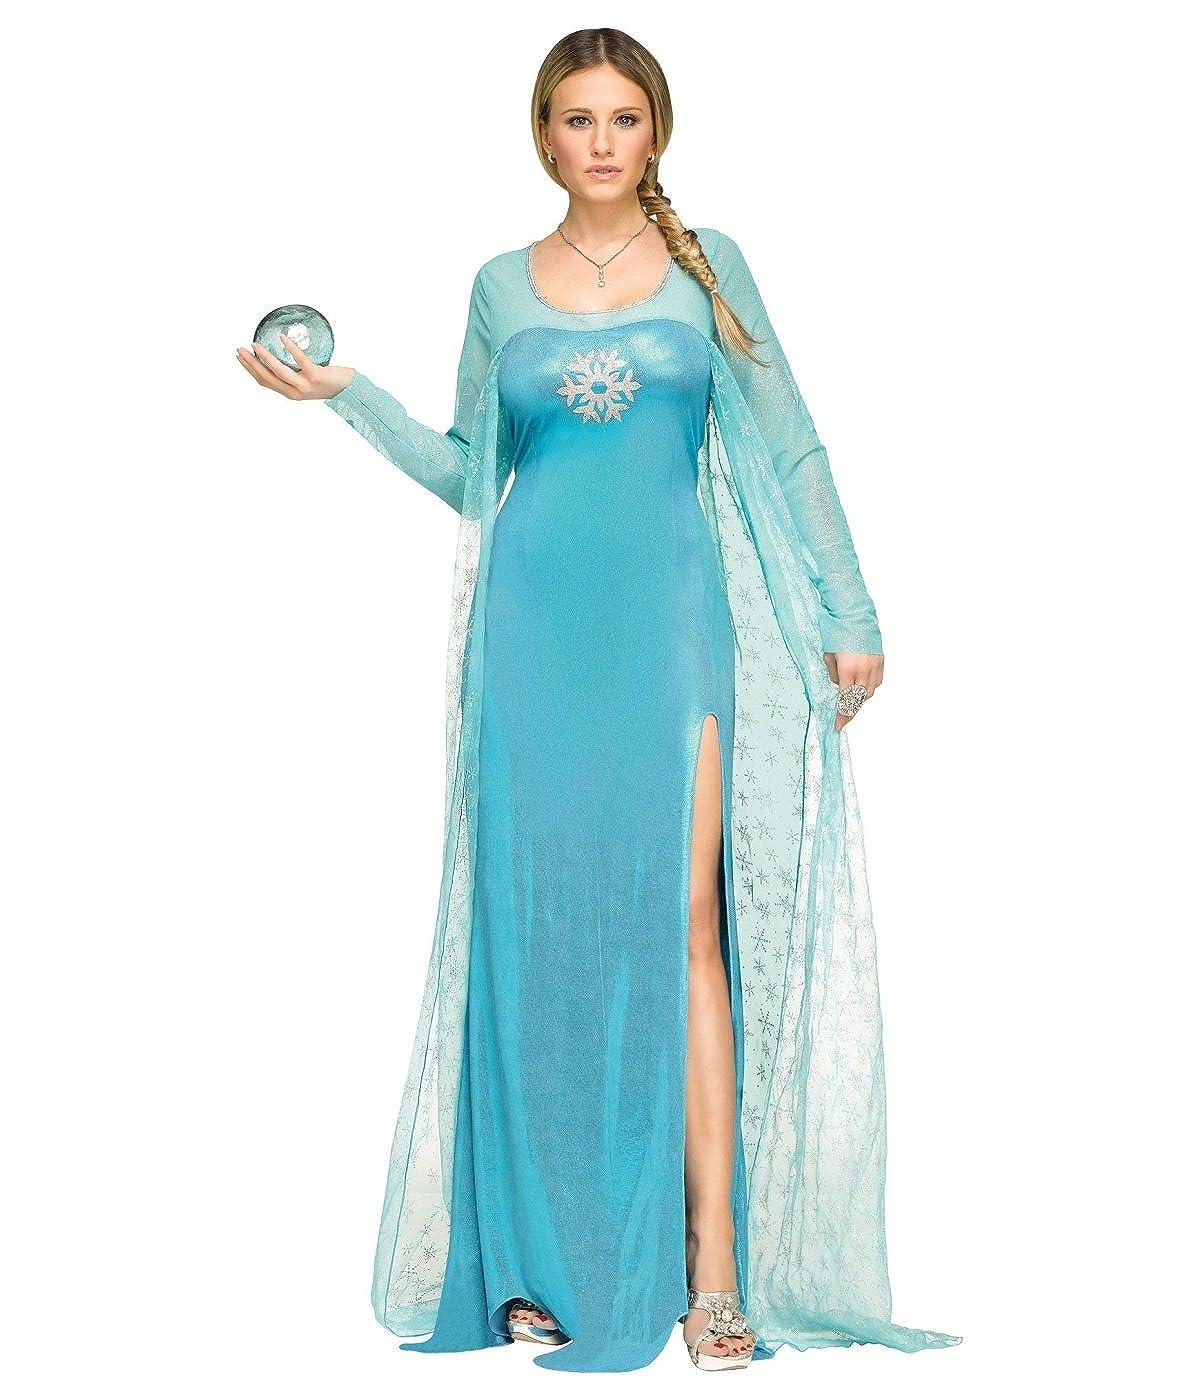 ofreciendo 100% Fun World World World Ice Queen Adult Costume LARGE 12-14  Envio gratis en todas las ordenes